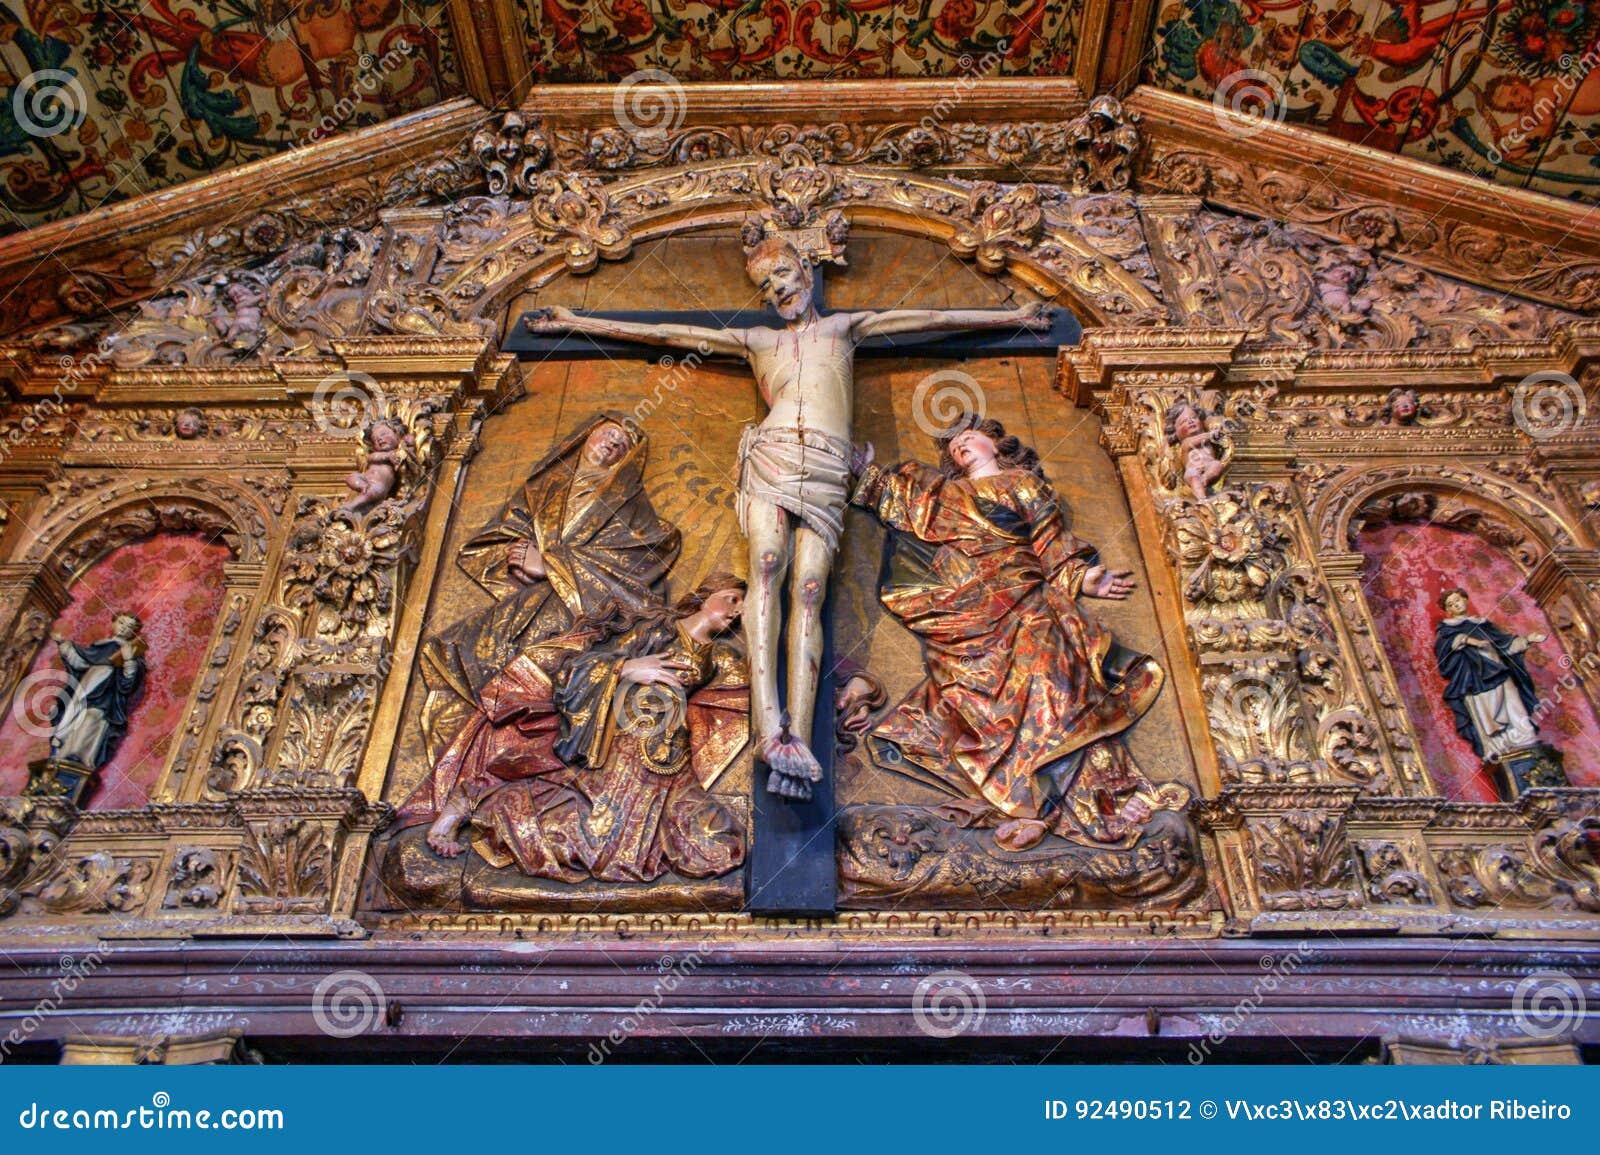 Church of monastery of Jesus in Aveiro